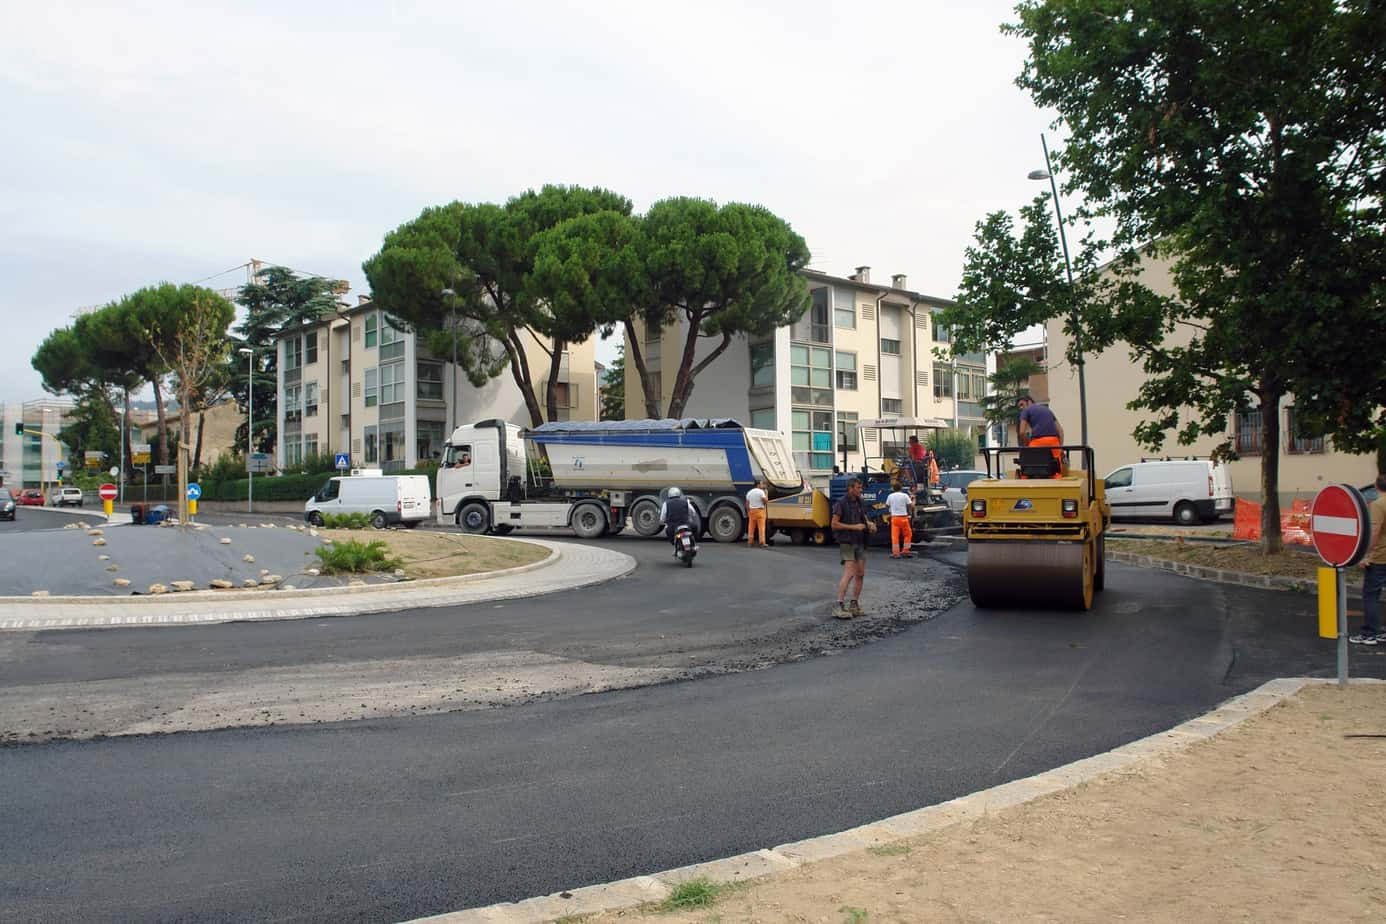 Intervento di manutenzione stradale in ambito urbano